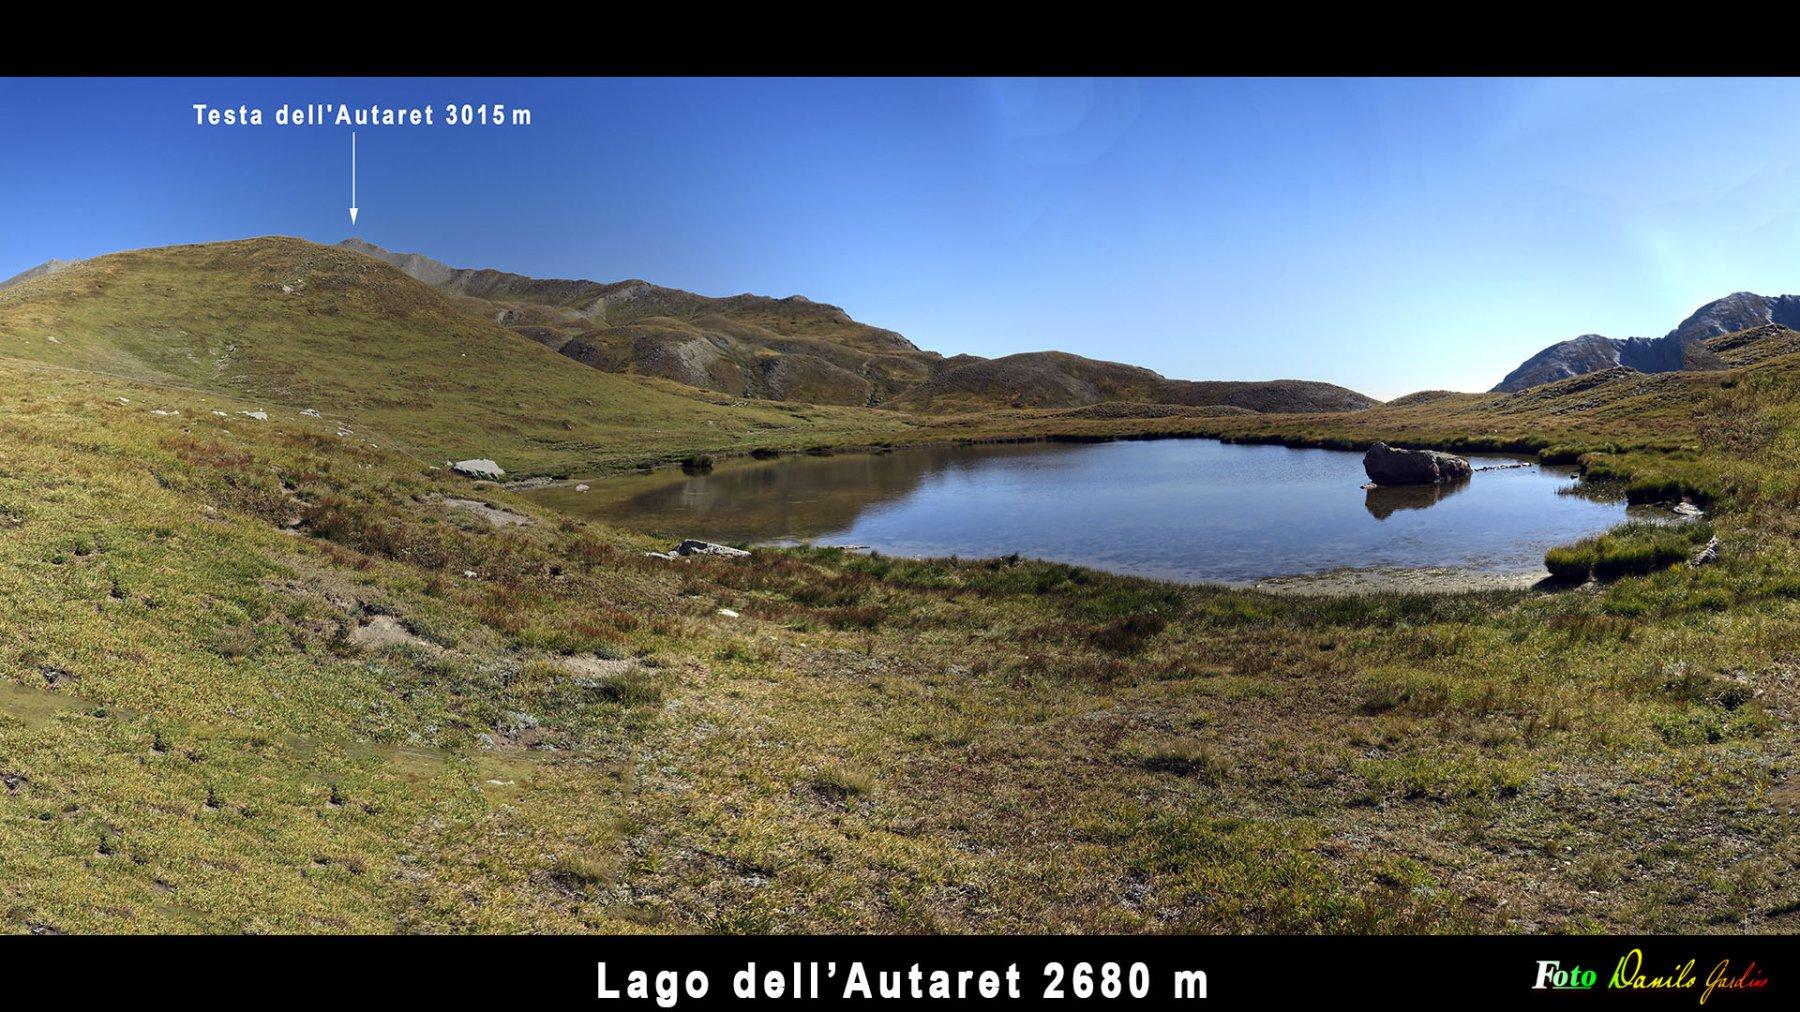 Lago de l'Autaret